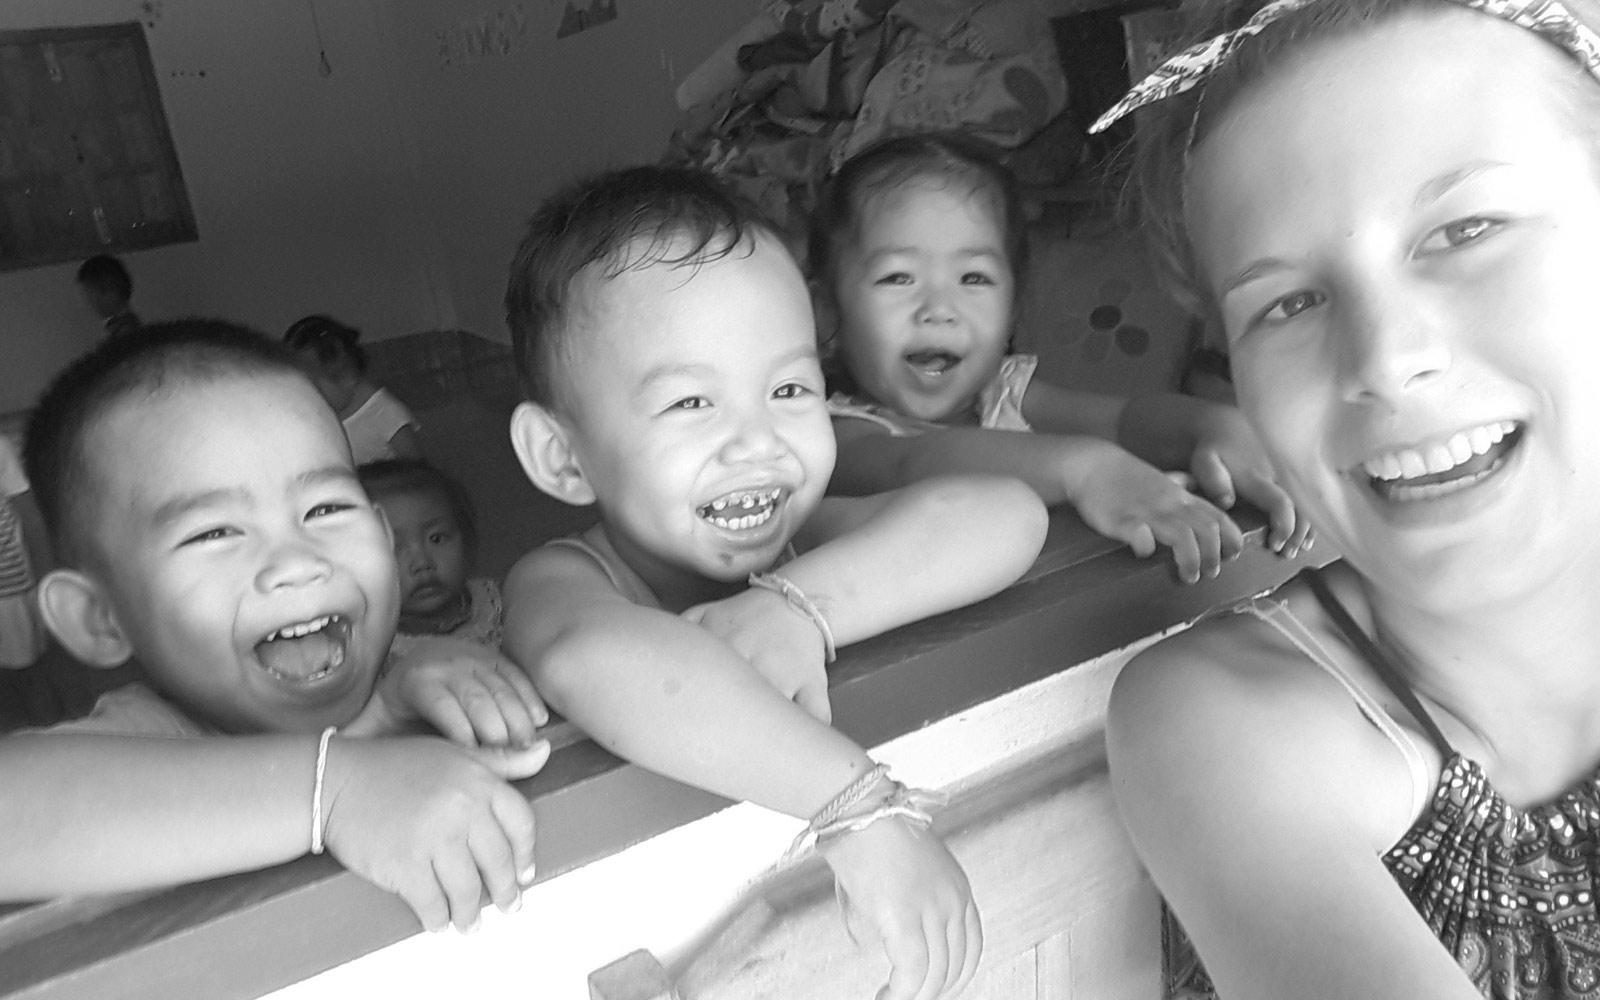 Anna macht einen Selfie mit drei Kindern